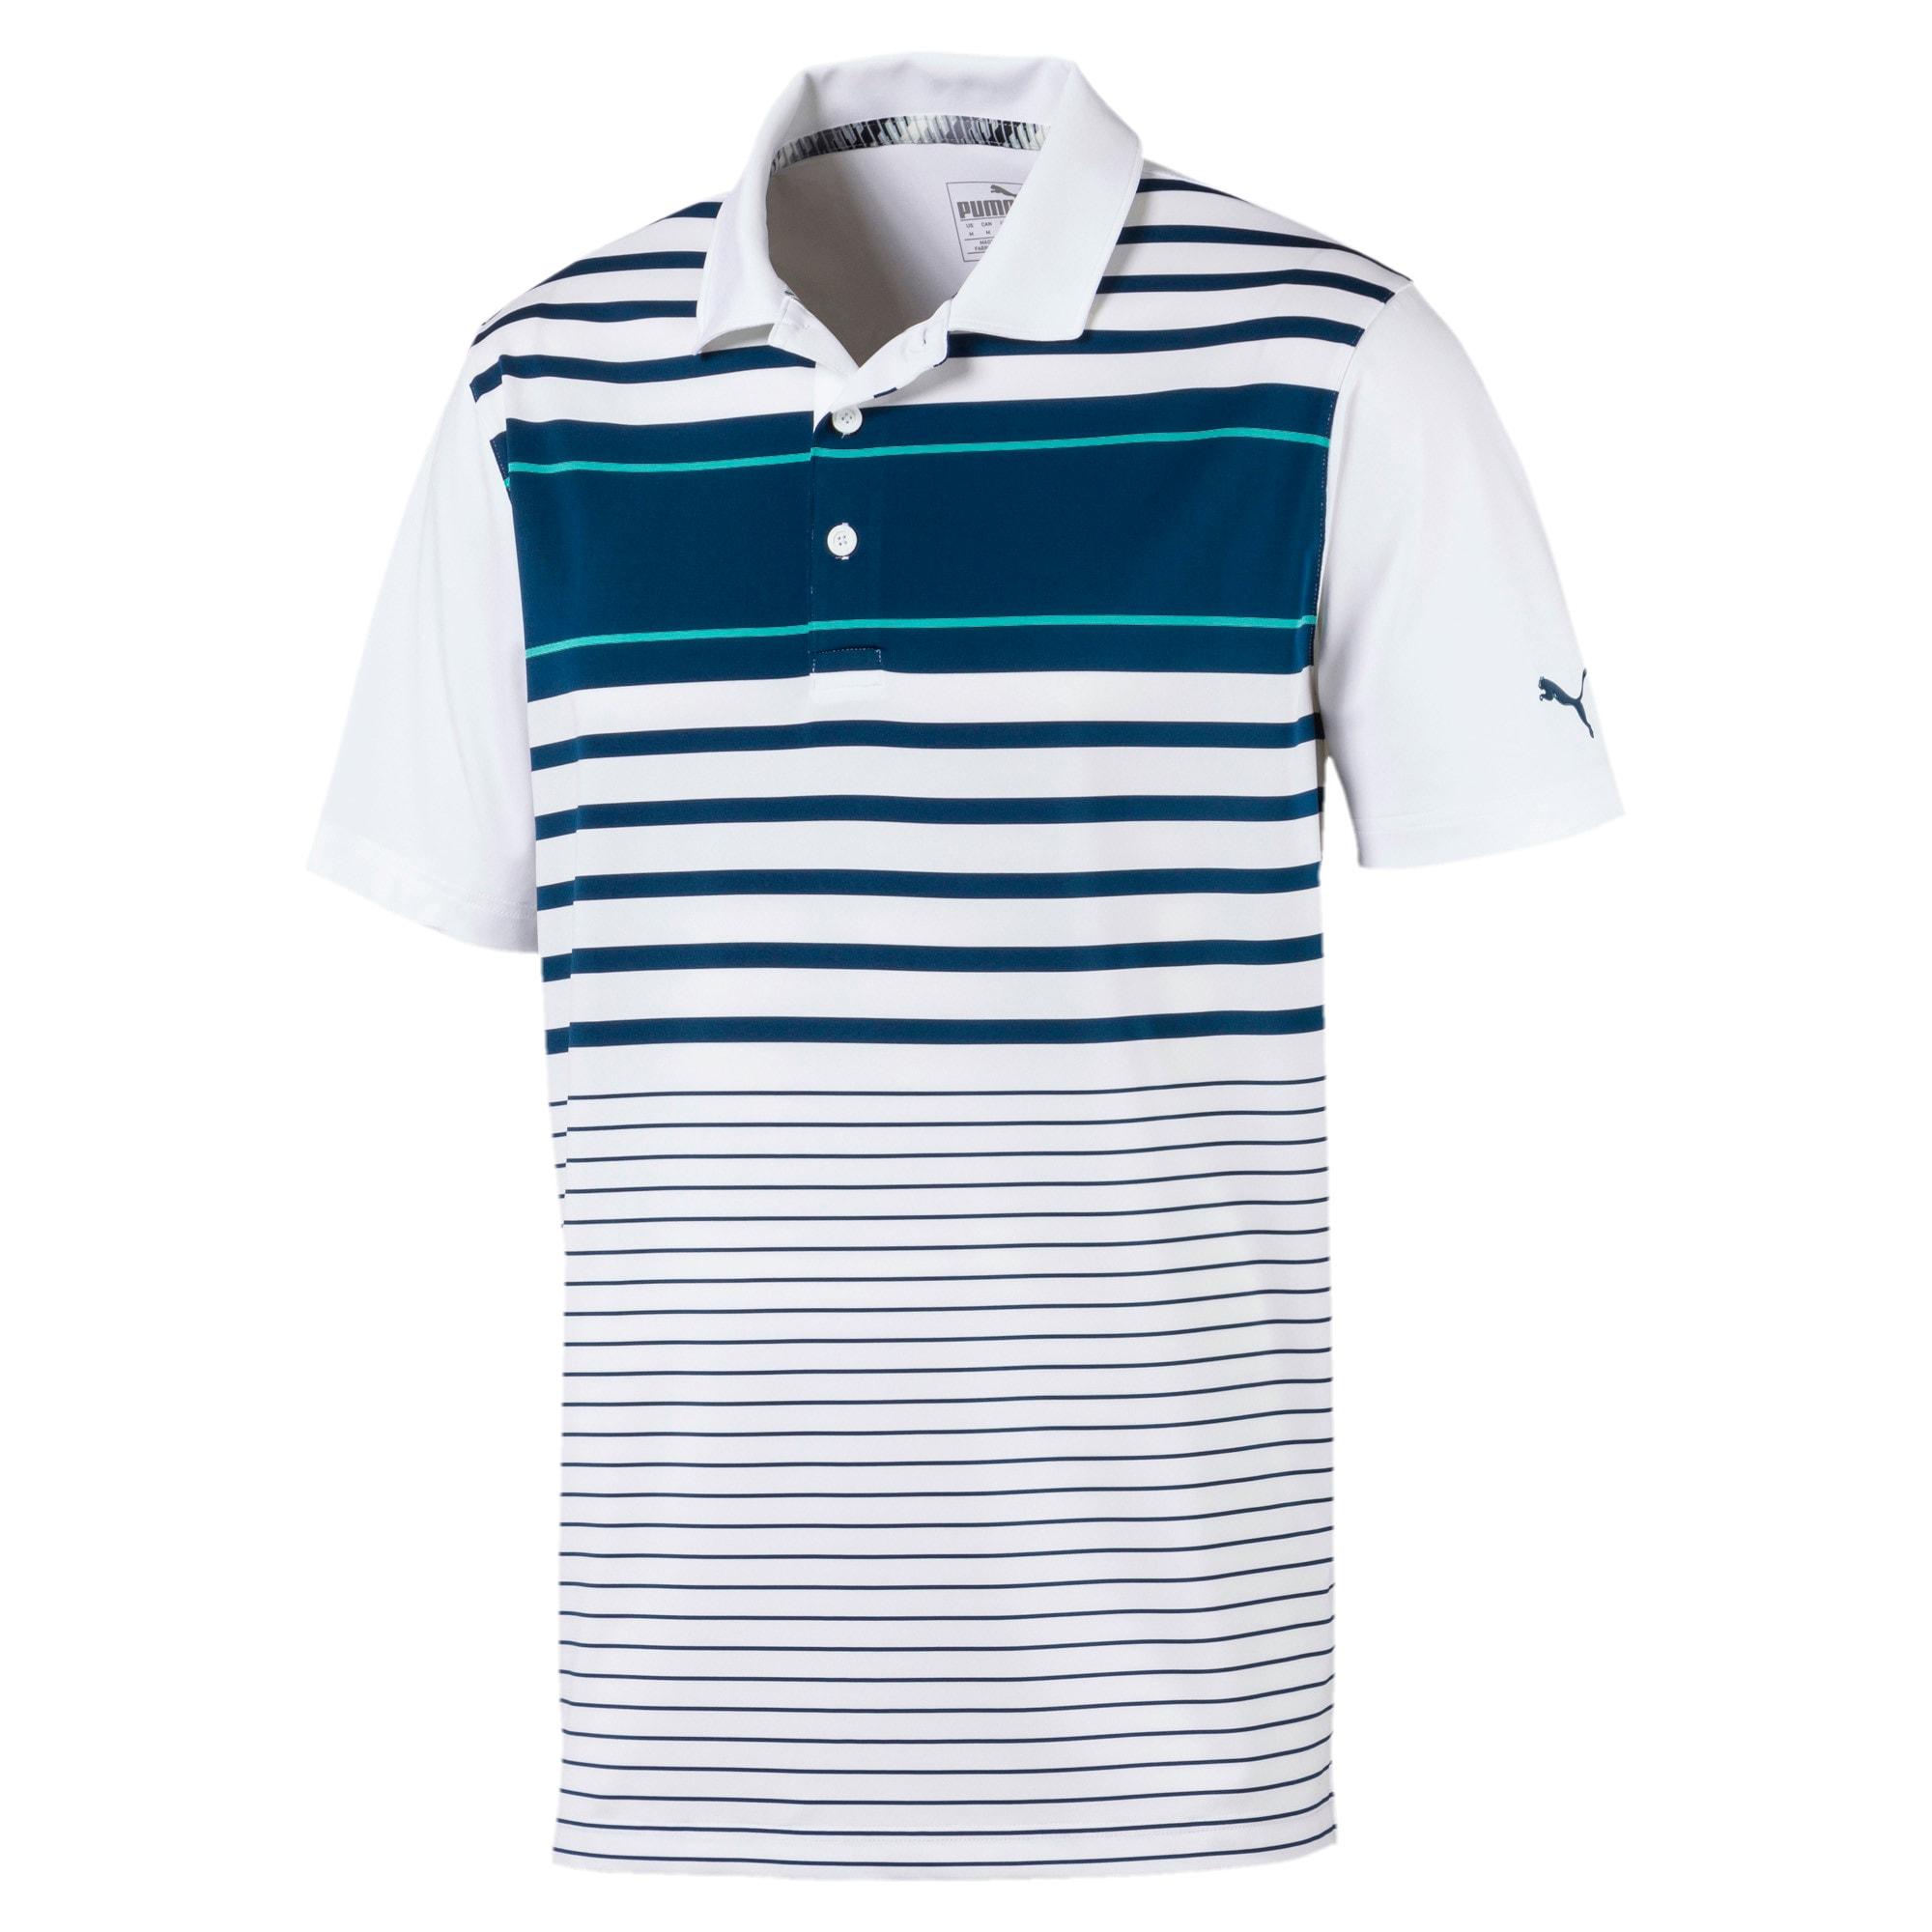 Miniatura 1 de Camiseta tipo polo Spotlight para hombre, Gibraltar Sea-Blue Turquoise, mediano